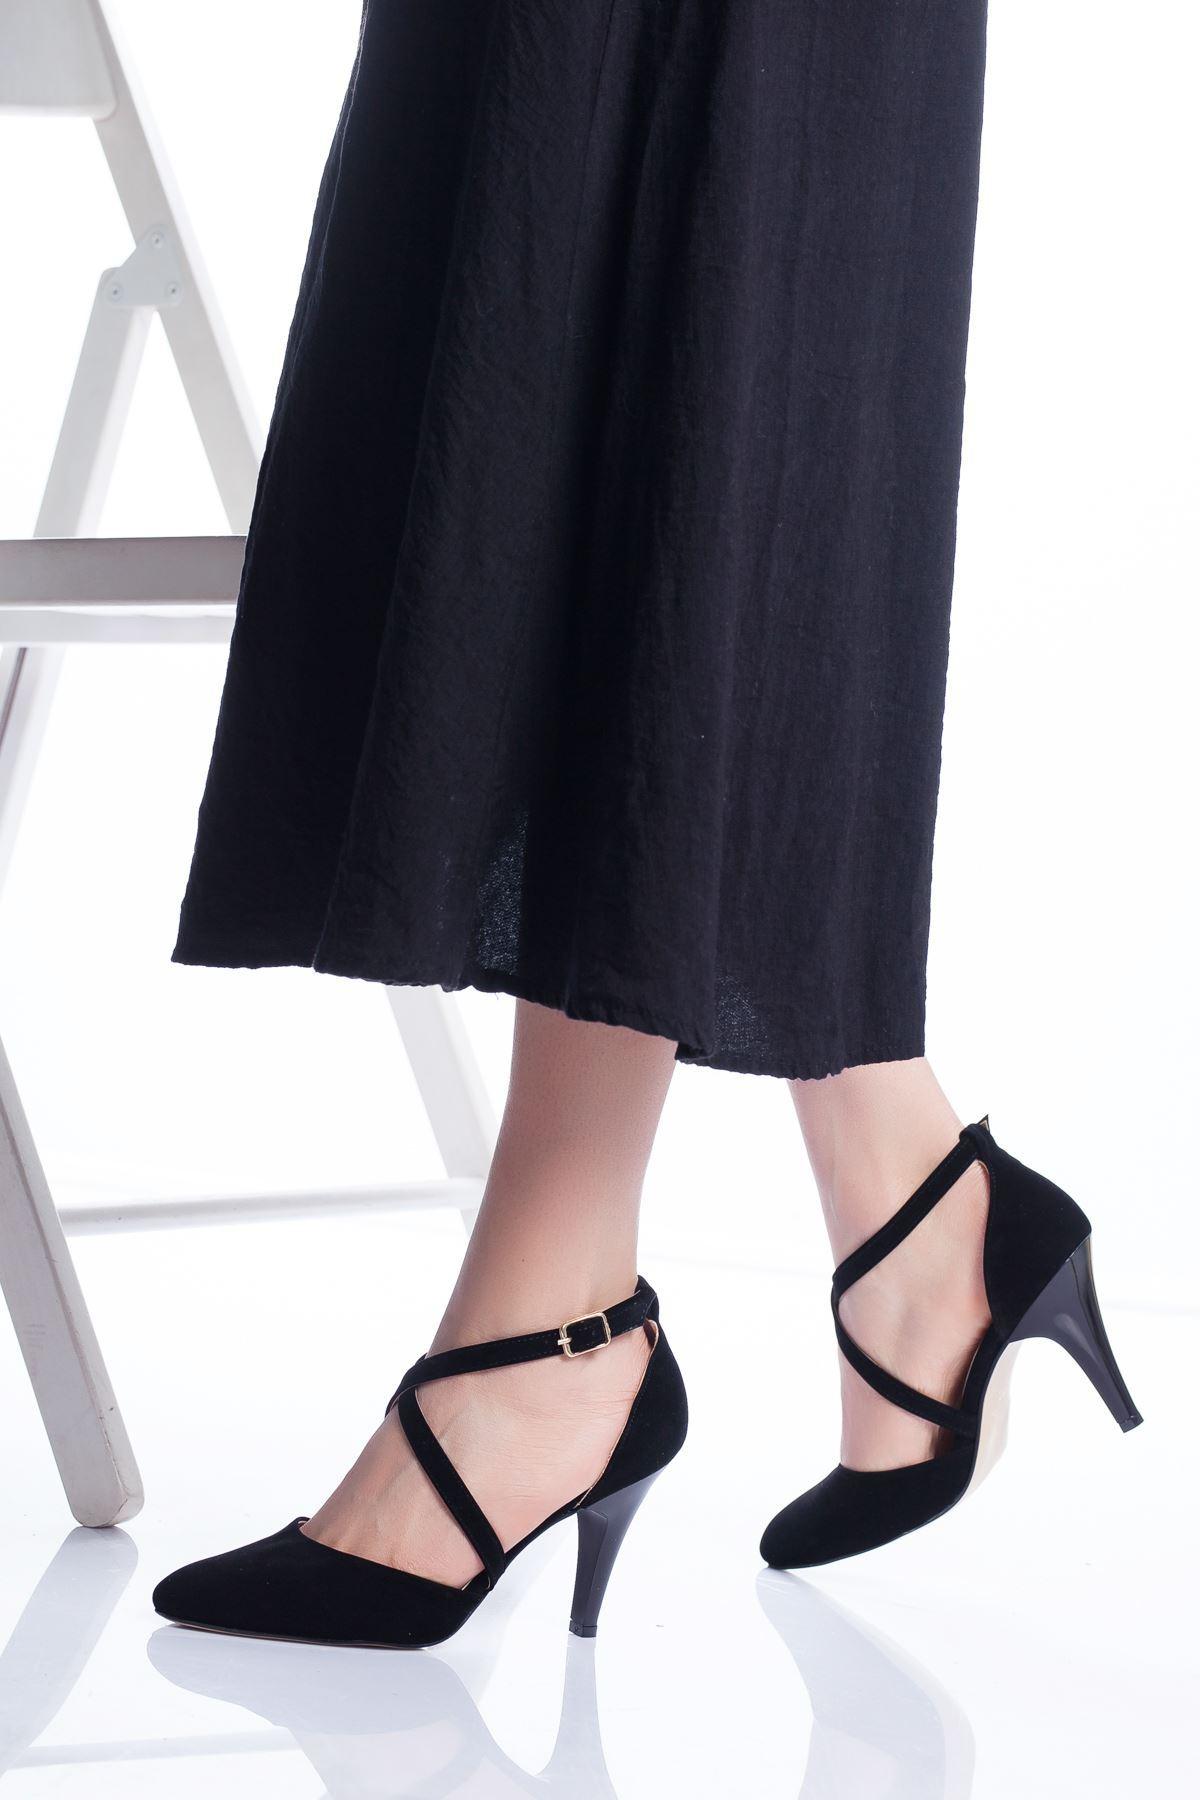 Gabel Topuklu Ayakkabı SİYAH SÜET